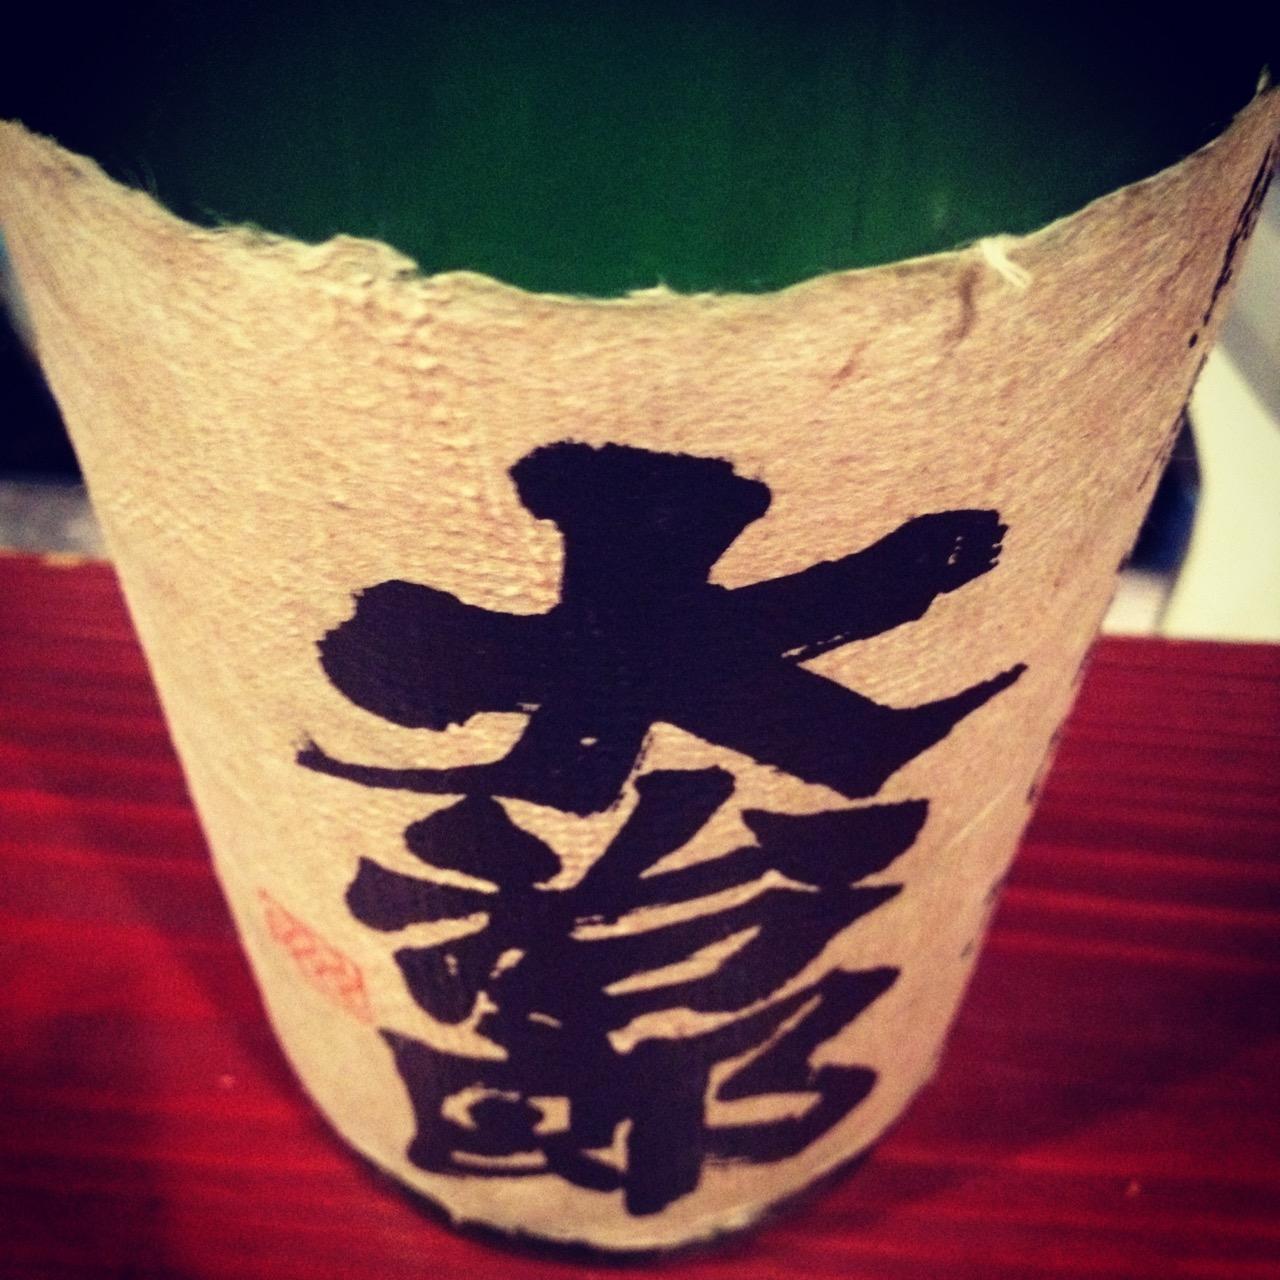 大治郎 純米吟醸生酒 山田錦・吟吹雪|日本酒テイスティングノート